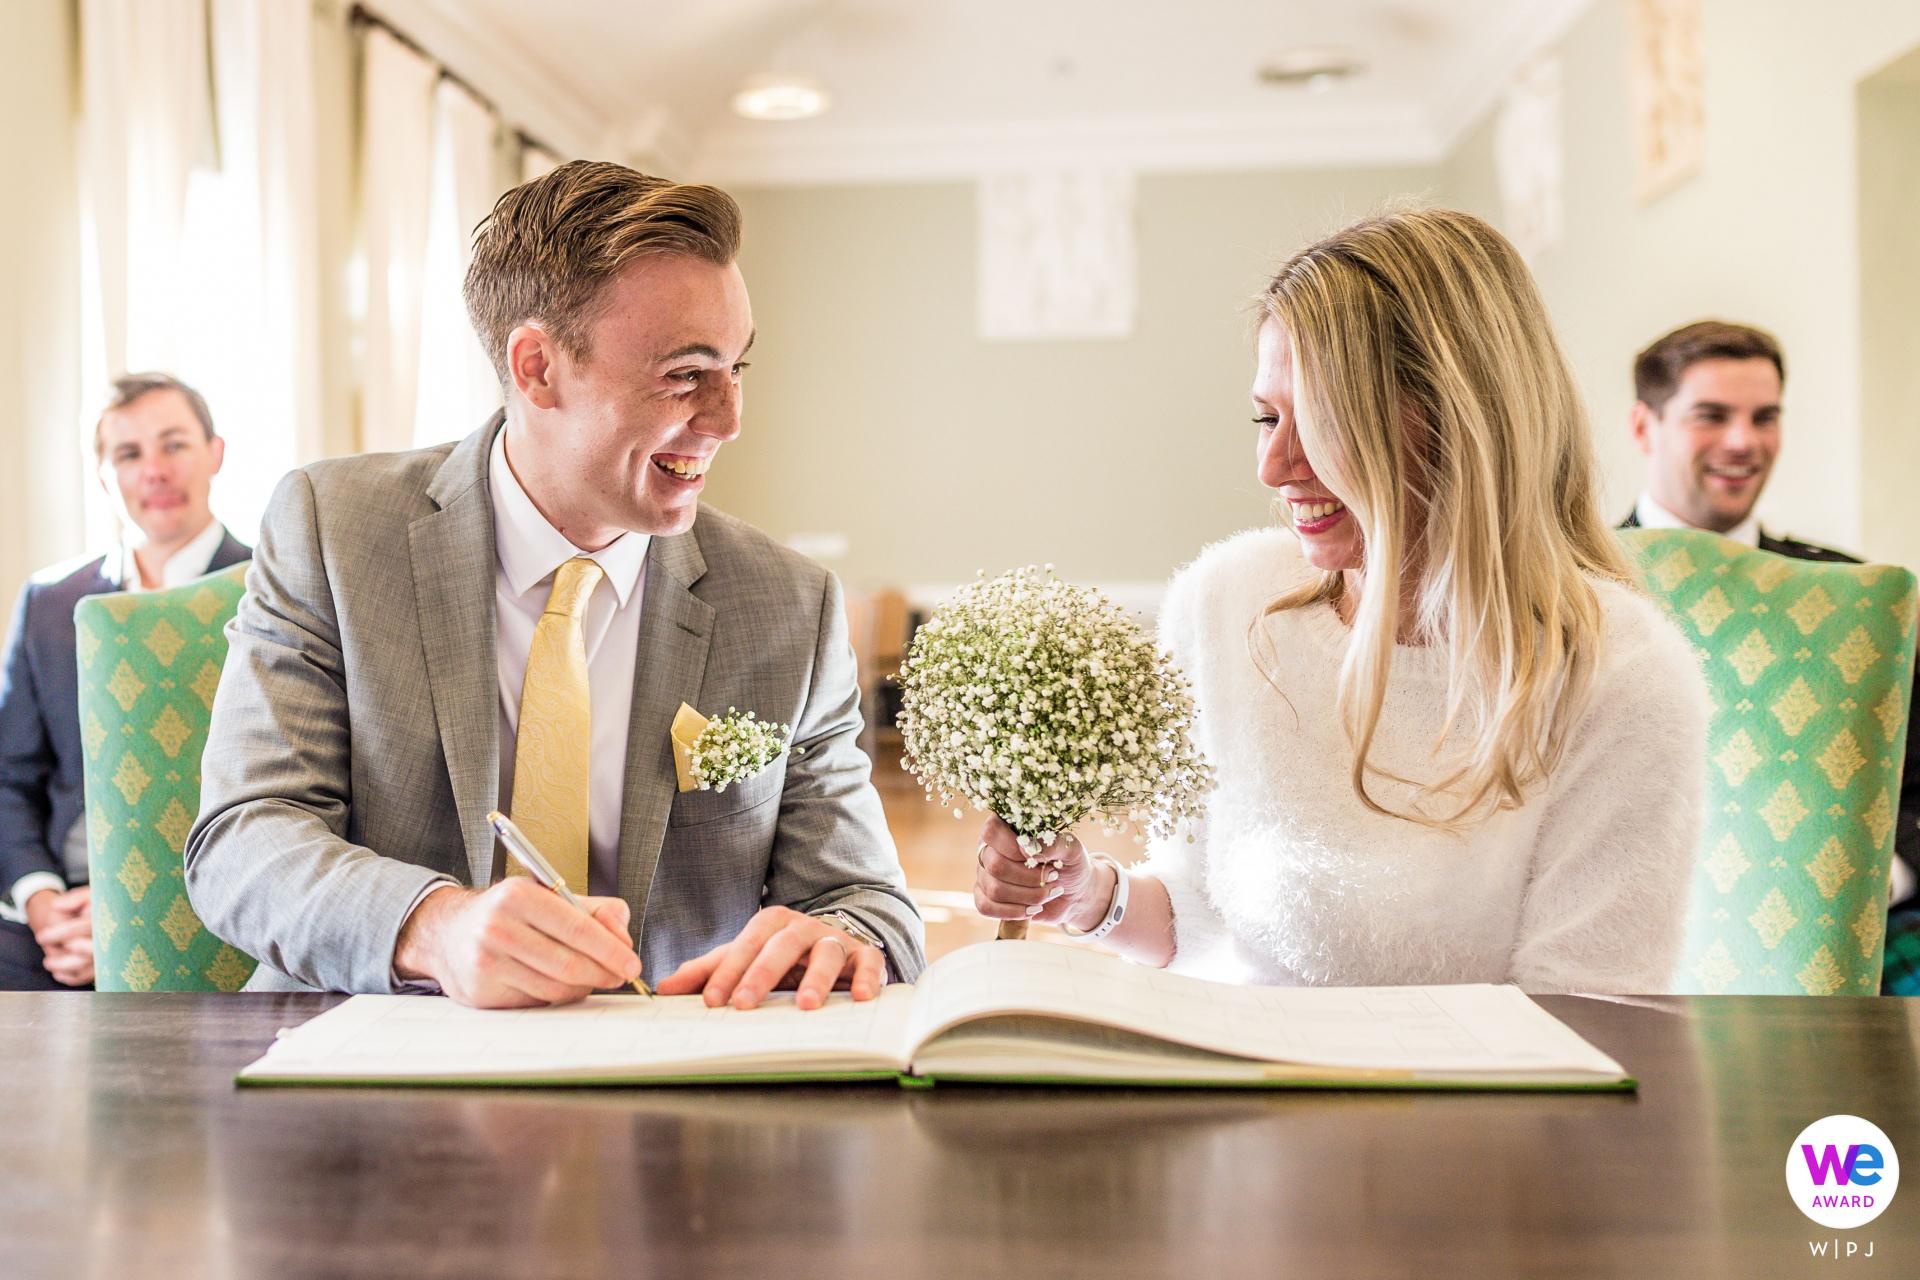 York House Twickenham, Richmond nach Themse, London Elopement Picture Story | Nachdem das Hochzeitspaar offiziell als Ehemann und Ehefrau bezeichnet wird, muss ein Heiratsregister mit den Angaben des Paares unterschrieben werden